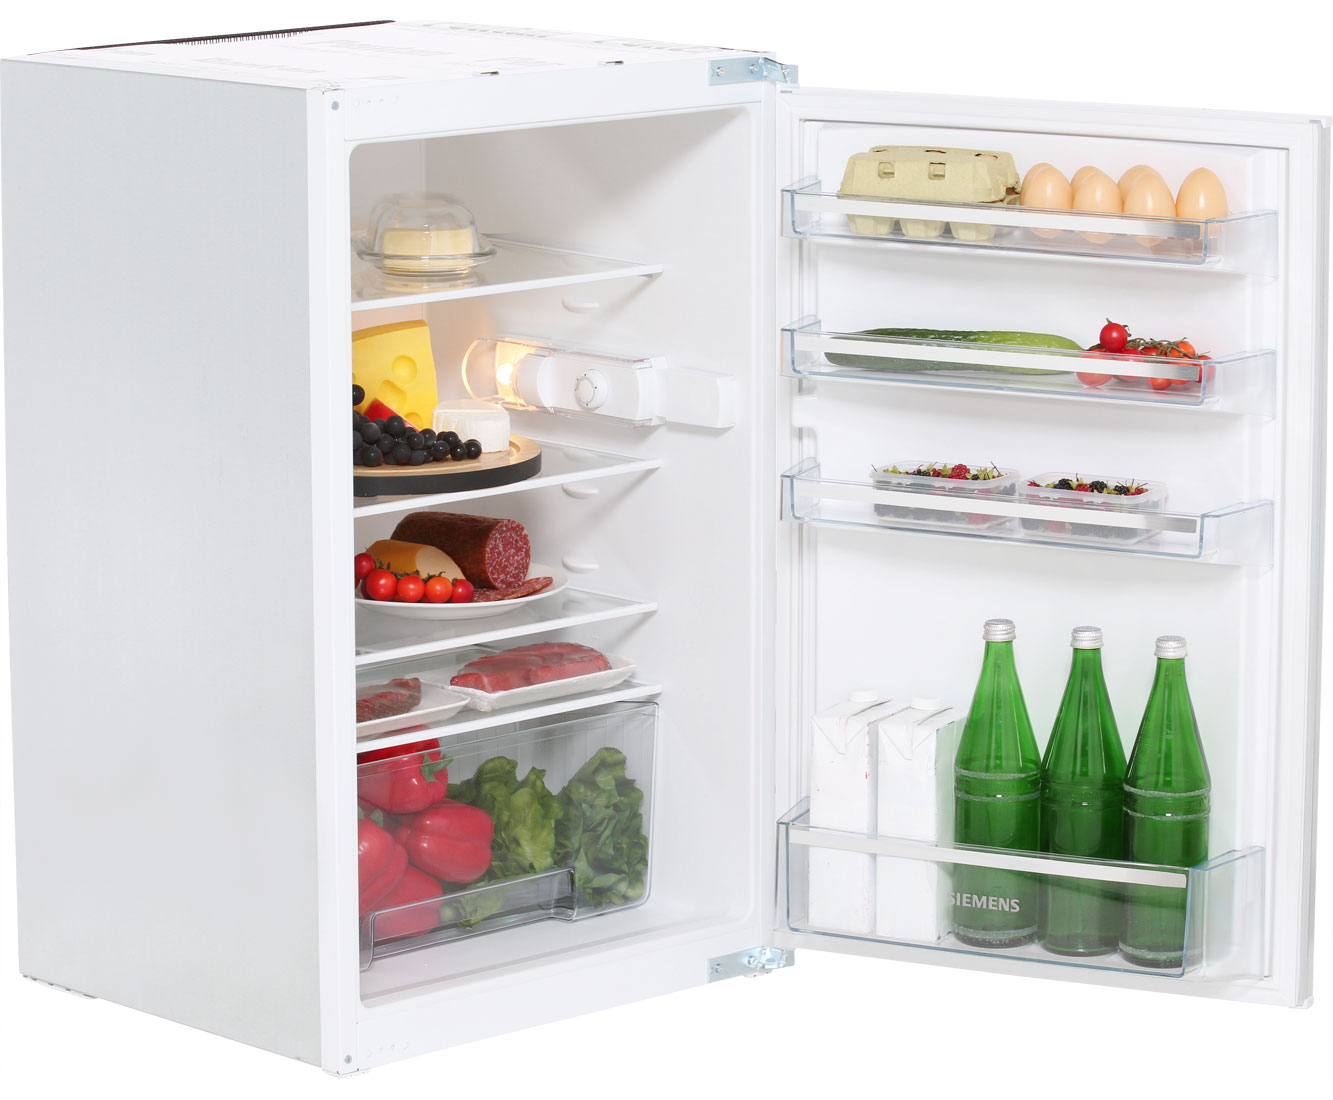 Gorenje R6193lx Kühlschrank : Rabatt preisvergleich.de weiße ware u003e kühlen gefrieren u003e kühlschrank